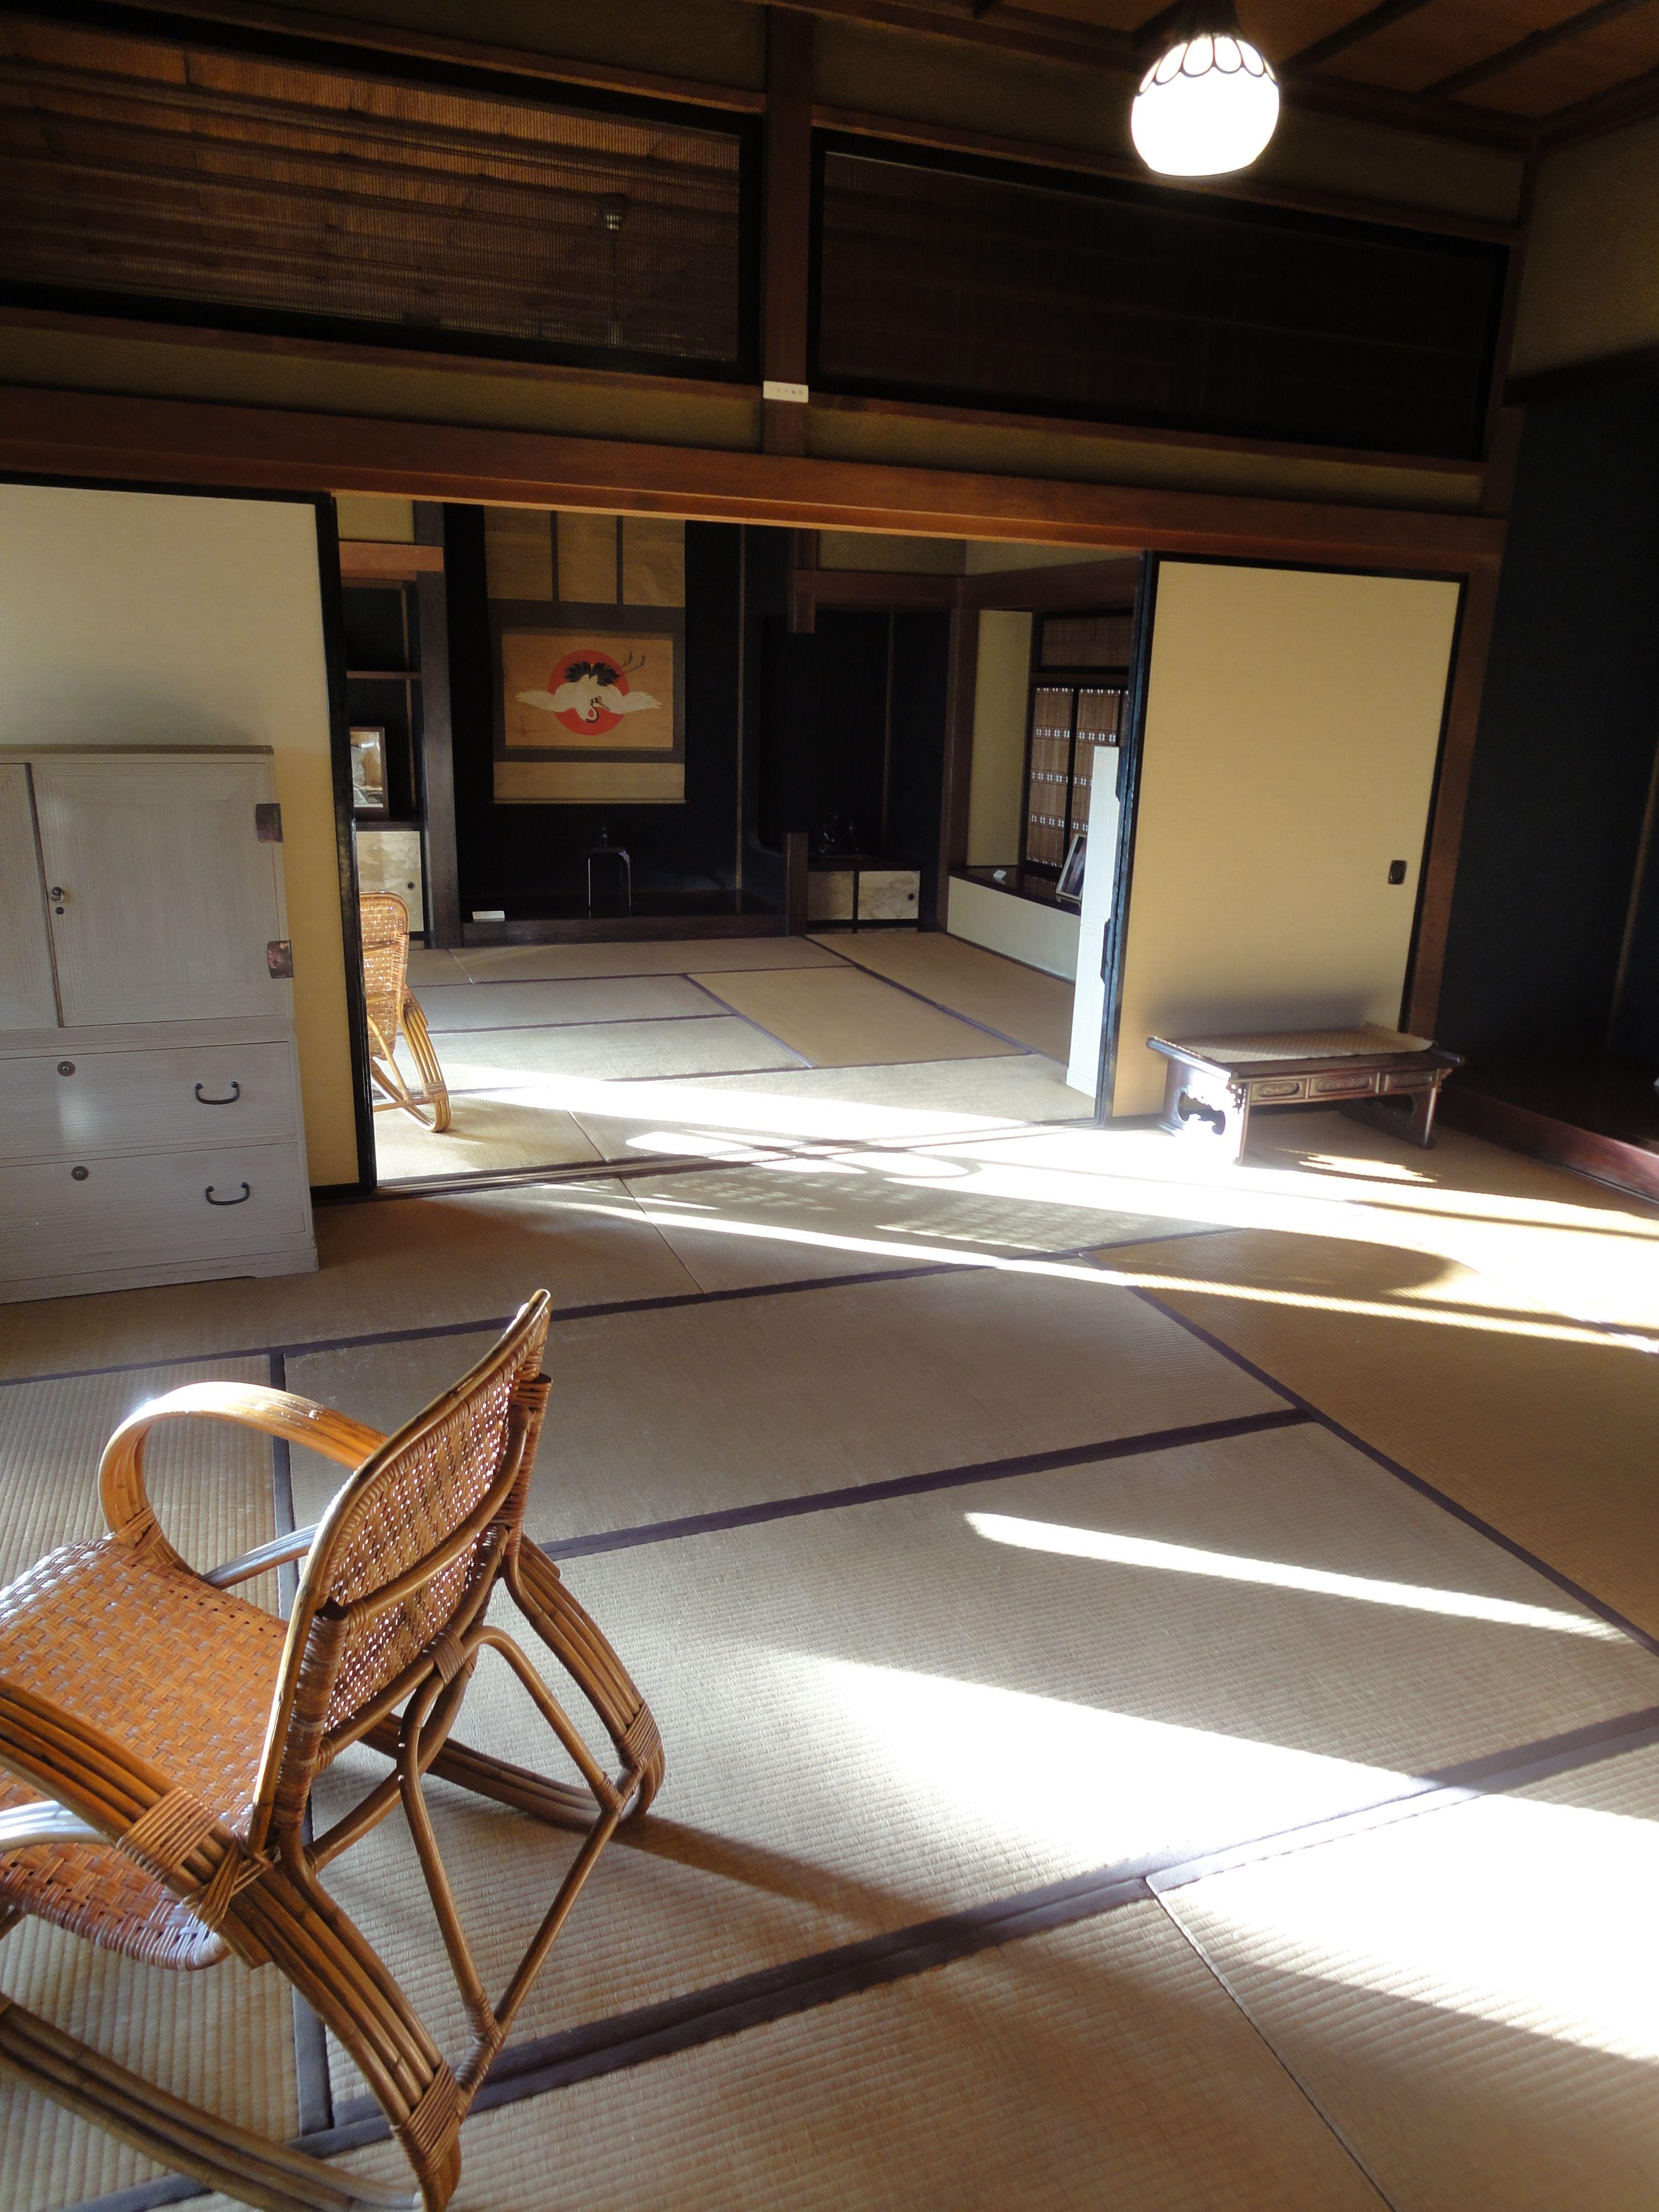 Pingl par agn s poirier sur tea house pinterest for Interieur japonais